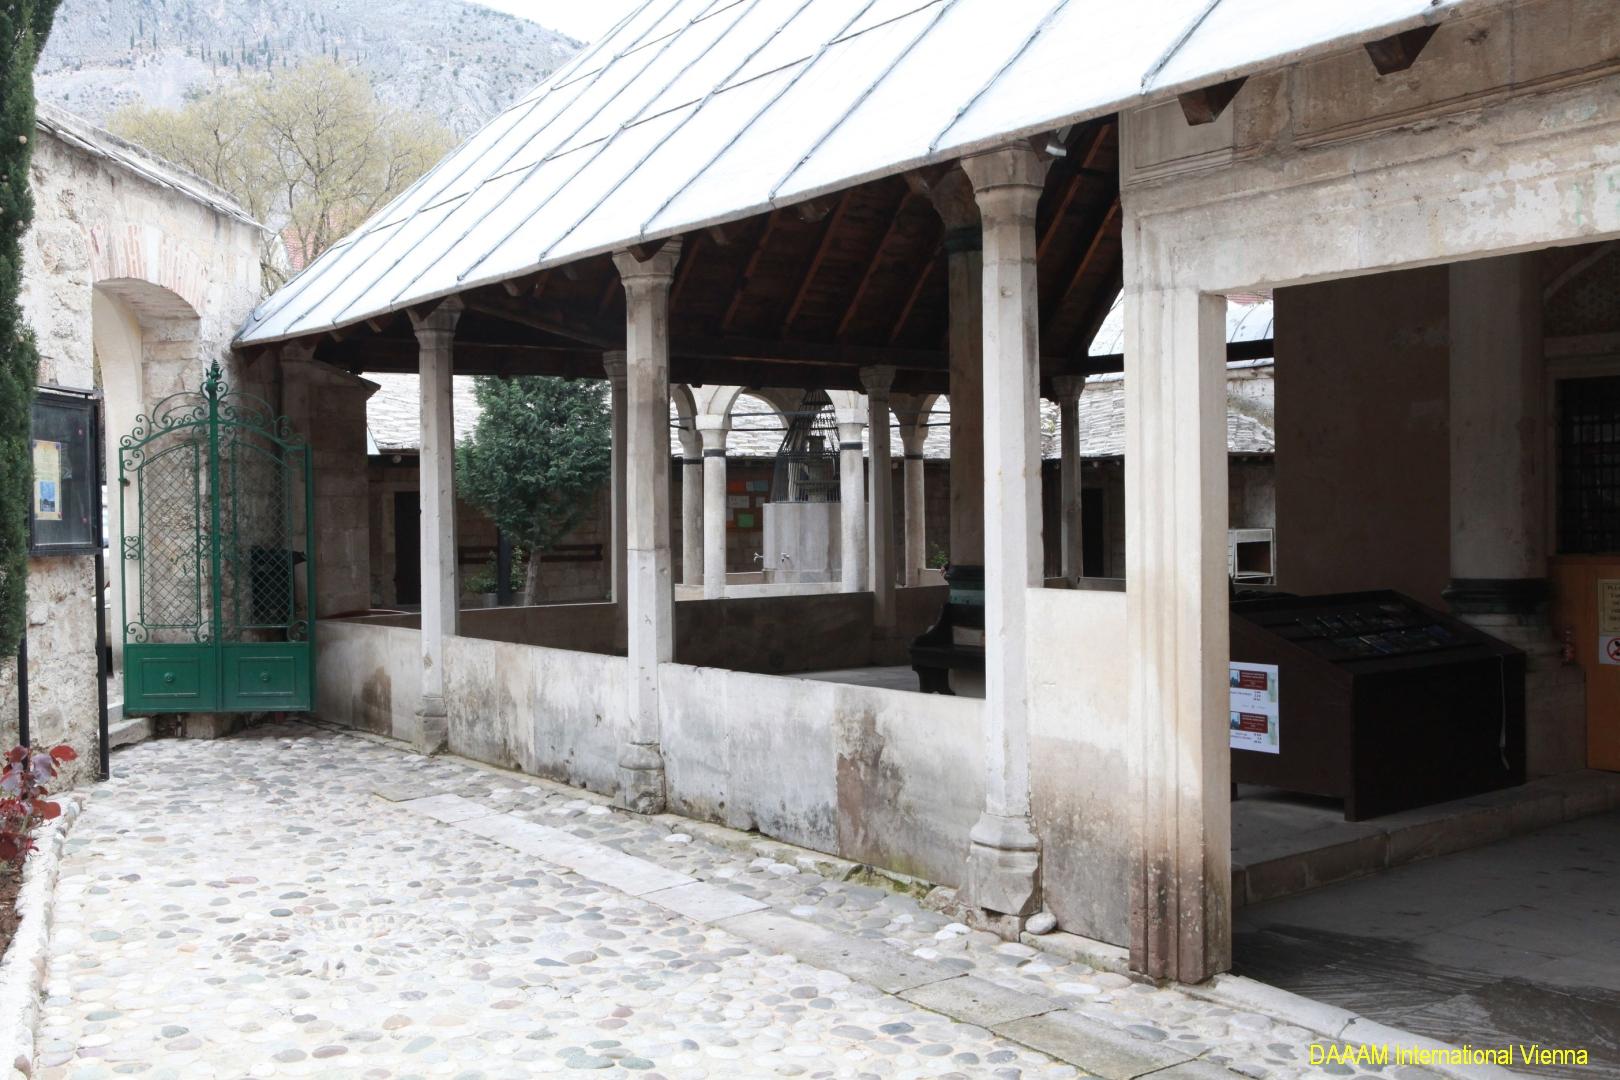 DAAAM_2016_Mostar_01_Magic_City_of_Mostar_116